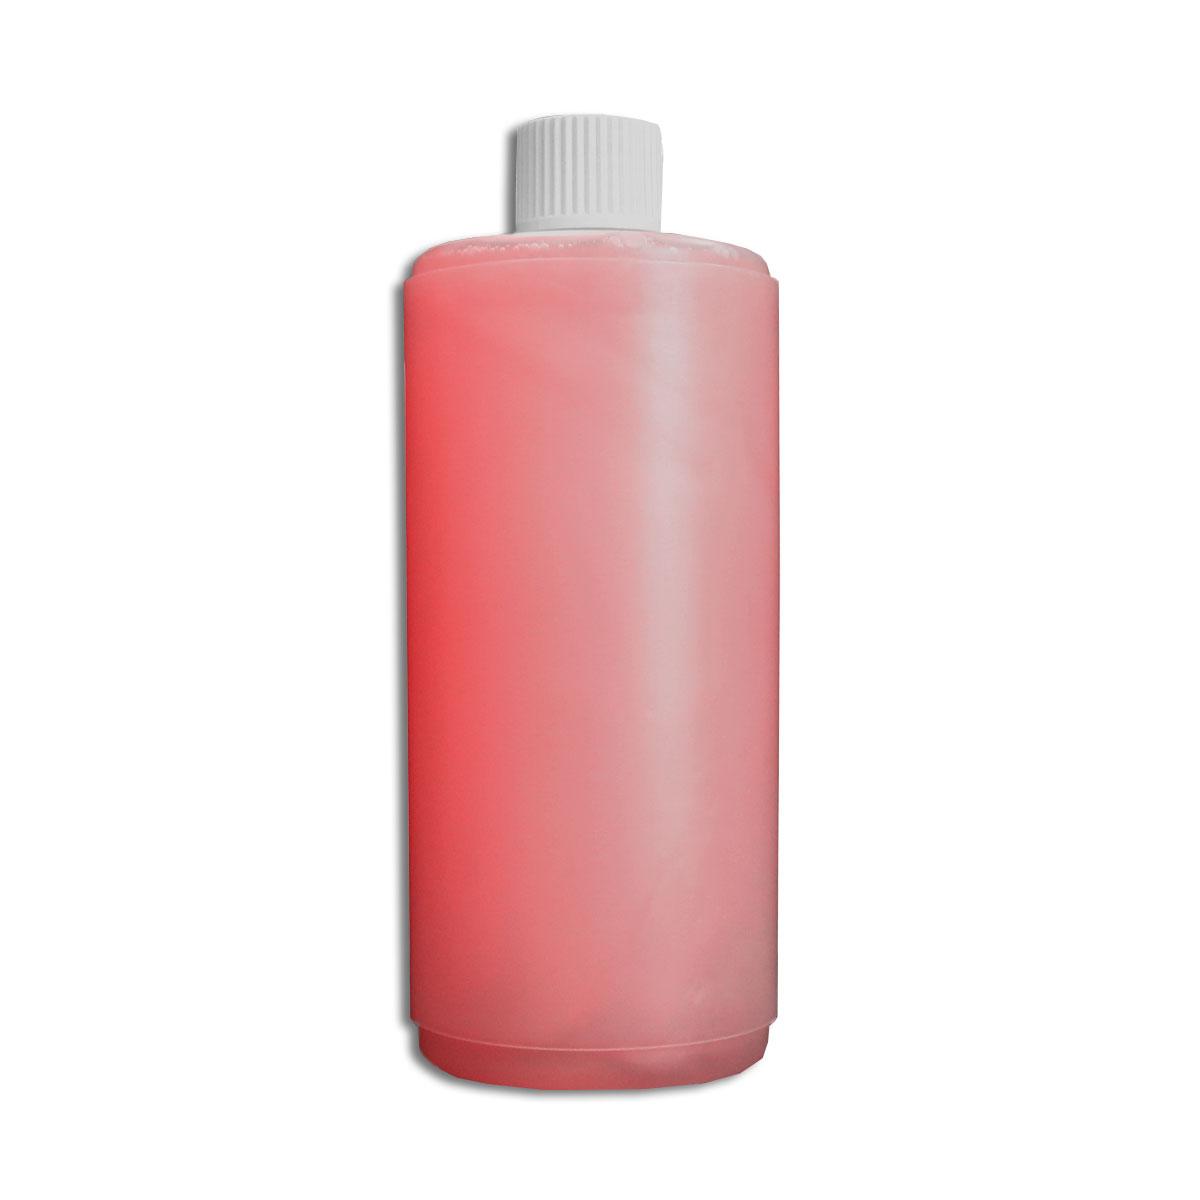 Milde Seife für Seifenspender mit Nachfülltank, 500-ml-Flasche